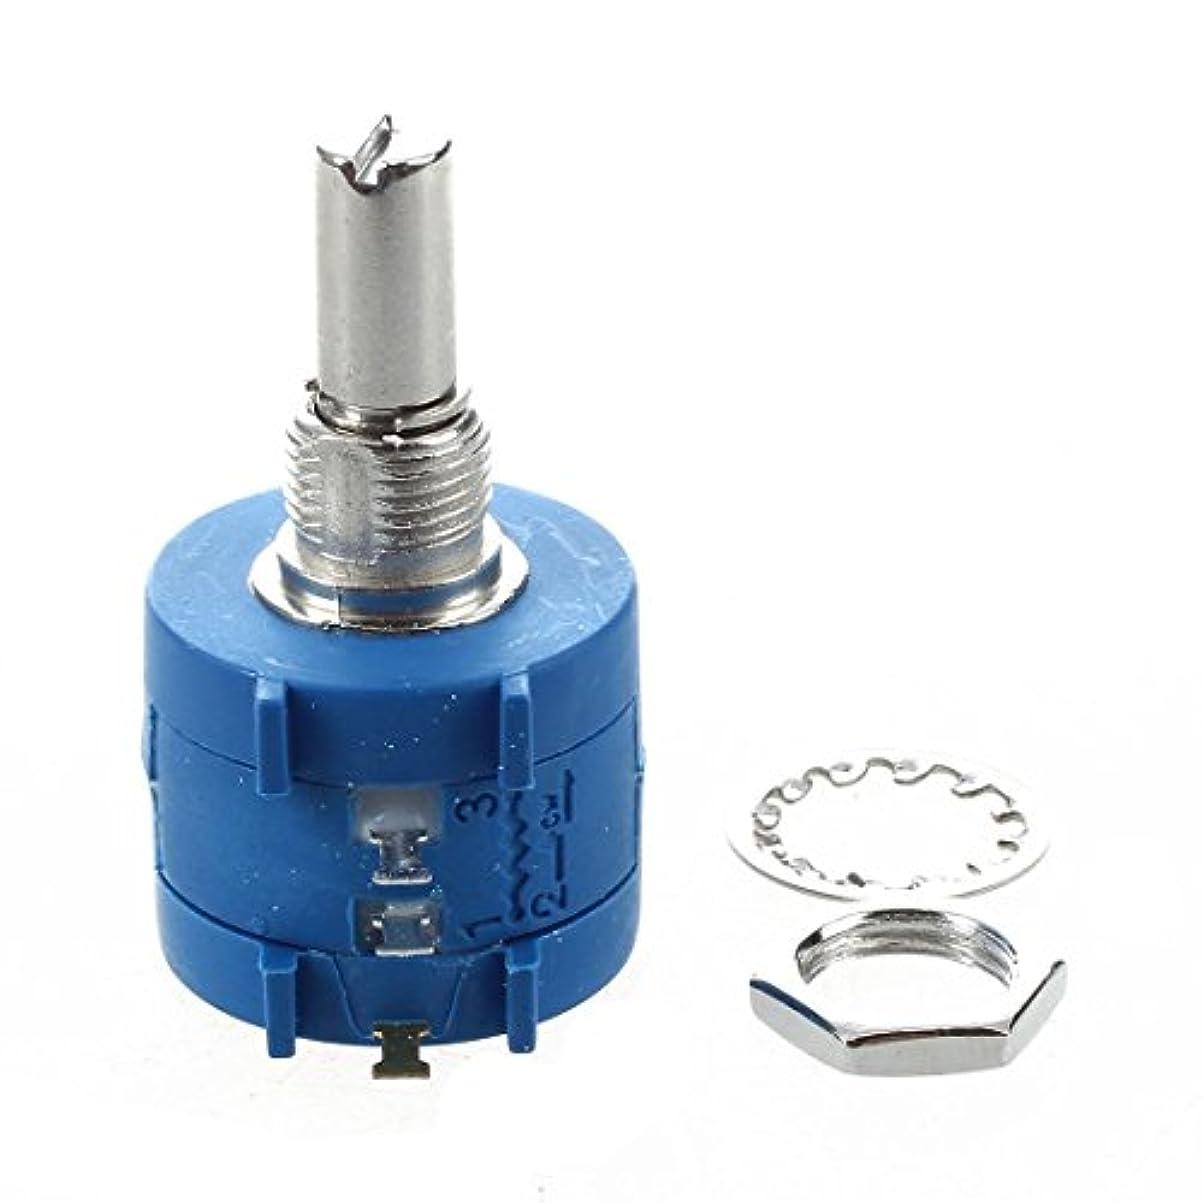 仕事エステートスペアACAMPTAR ACAMPTAR(R)3590S-2-103L 10Kオーム10ターンロータリー巻き線精密ポテンショメータ